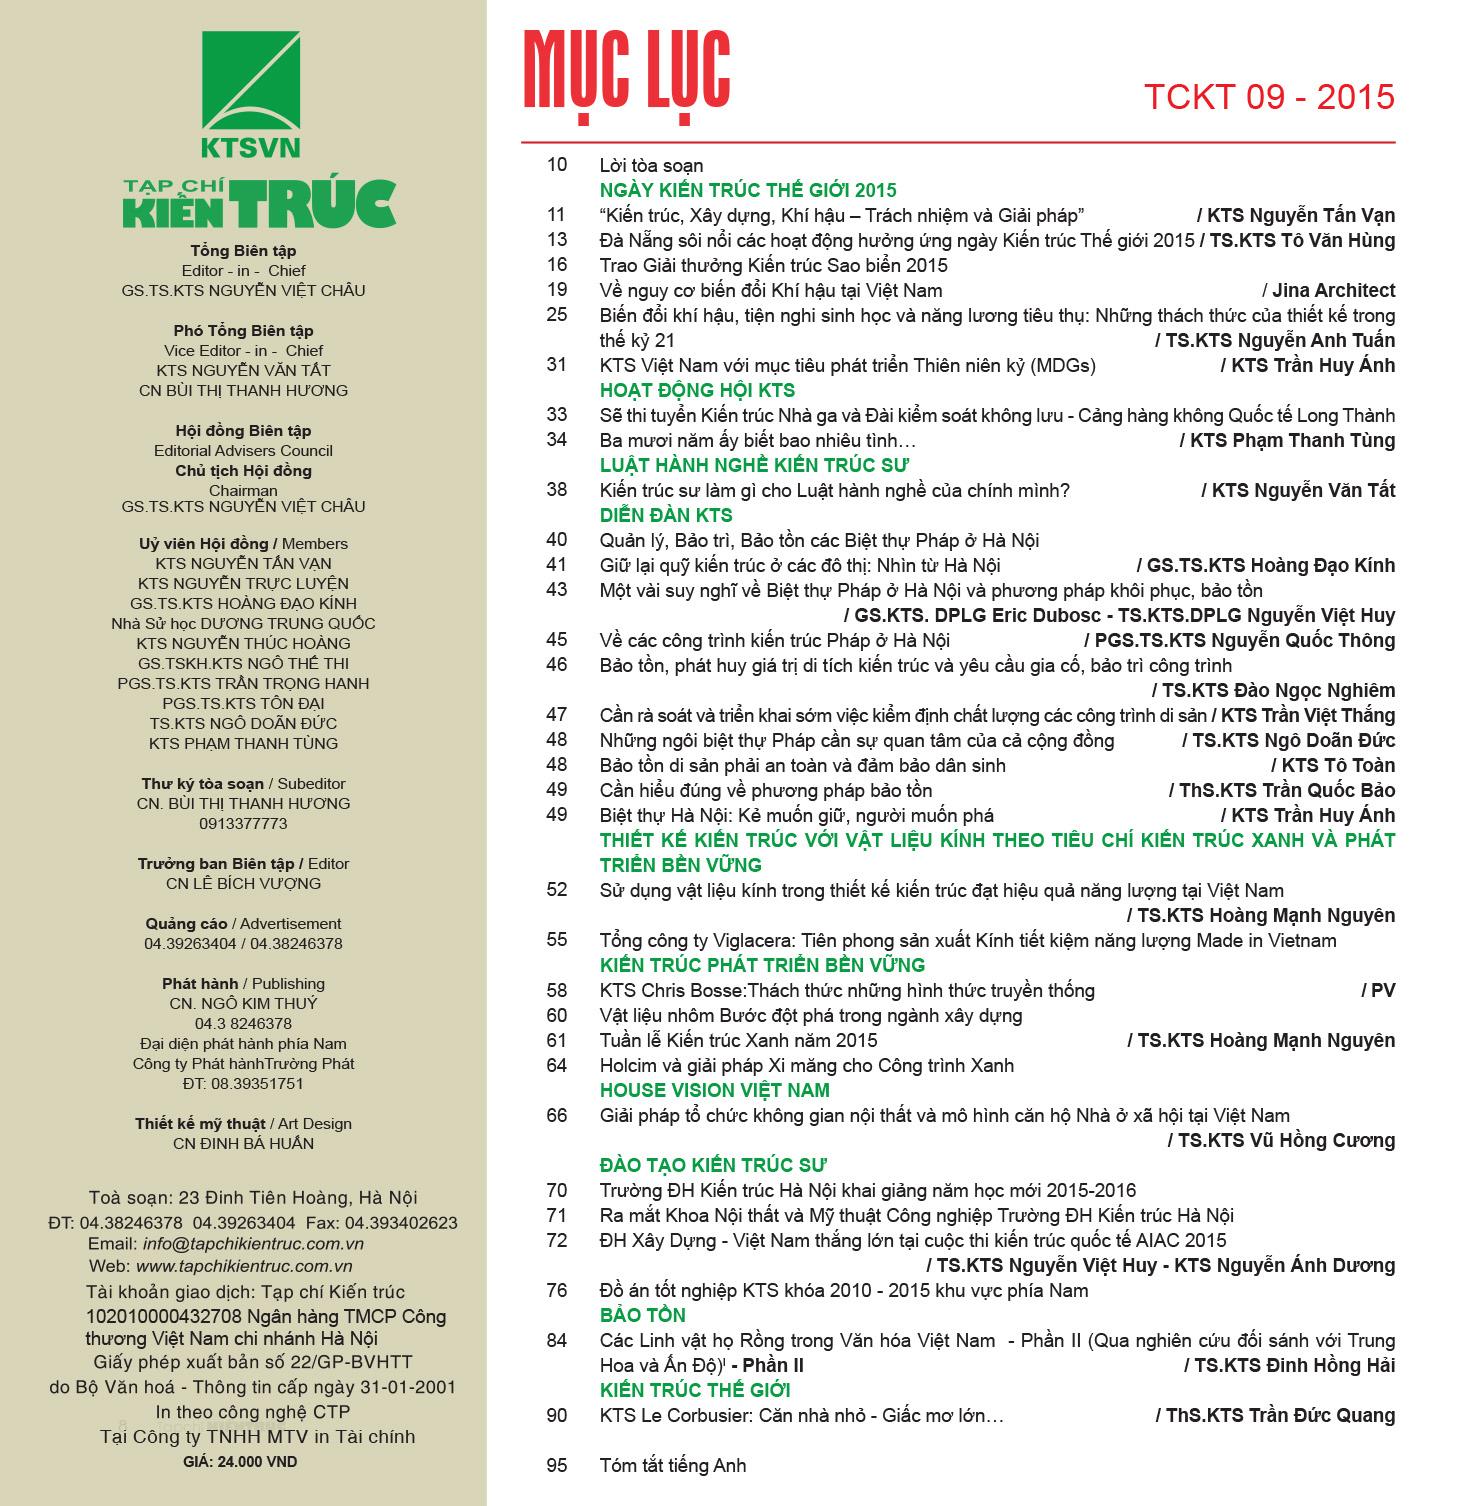 2015-mucluc-tckt-09